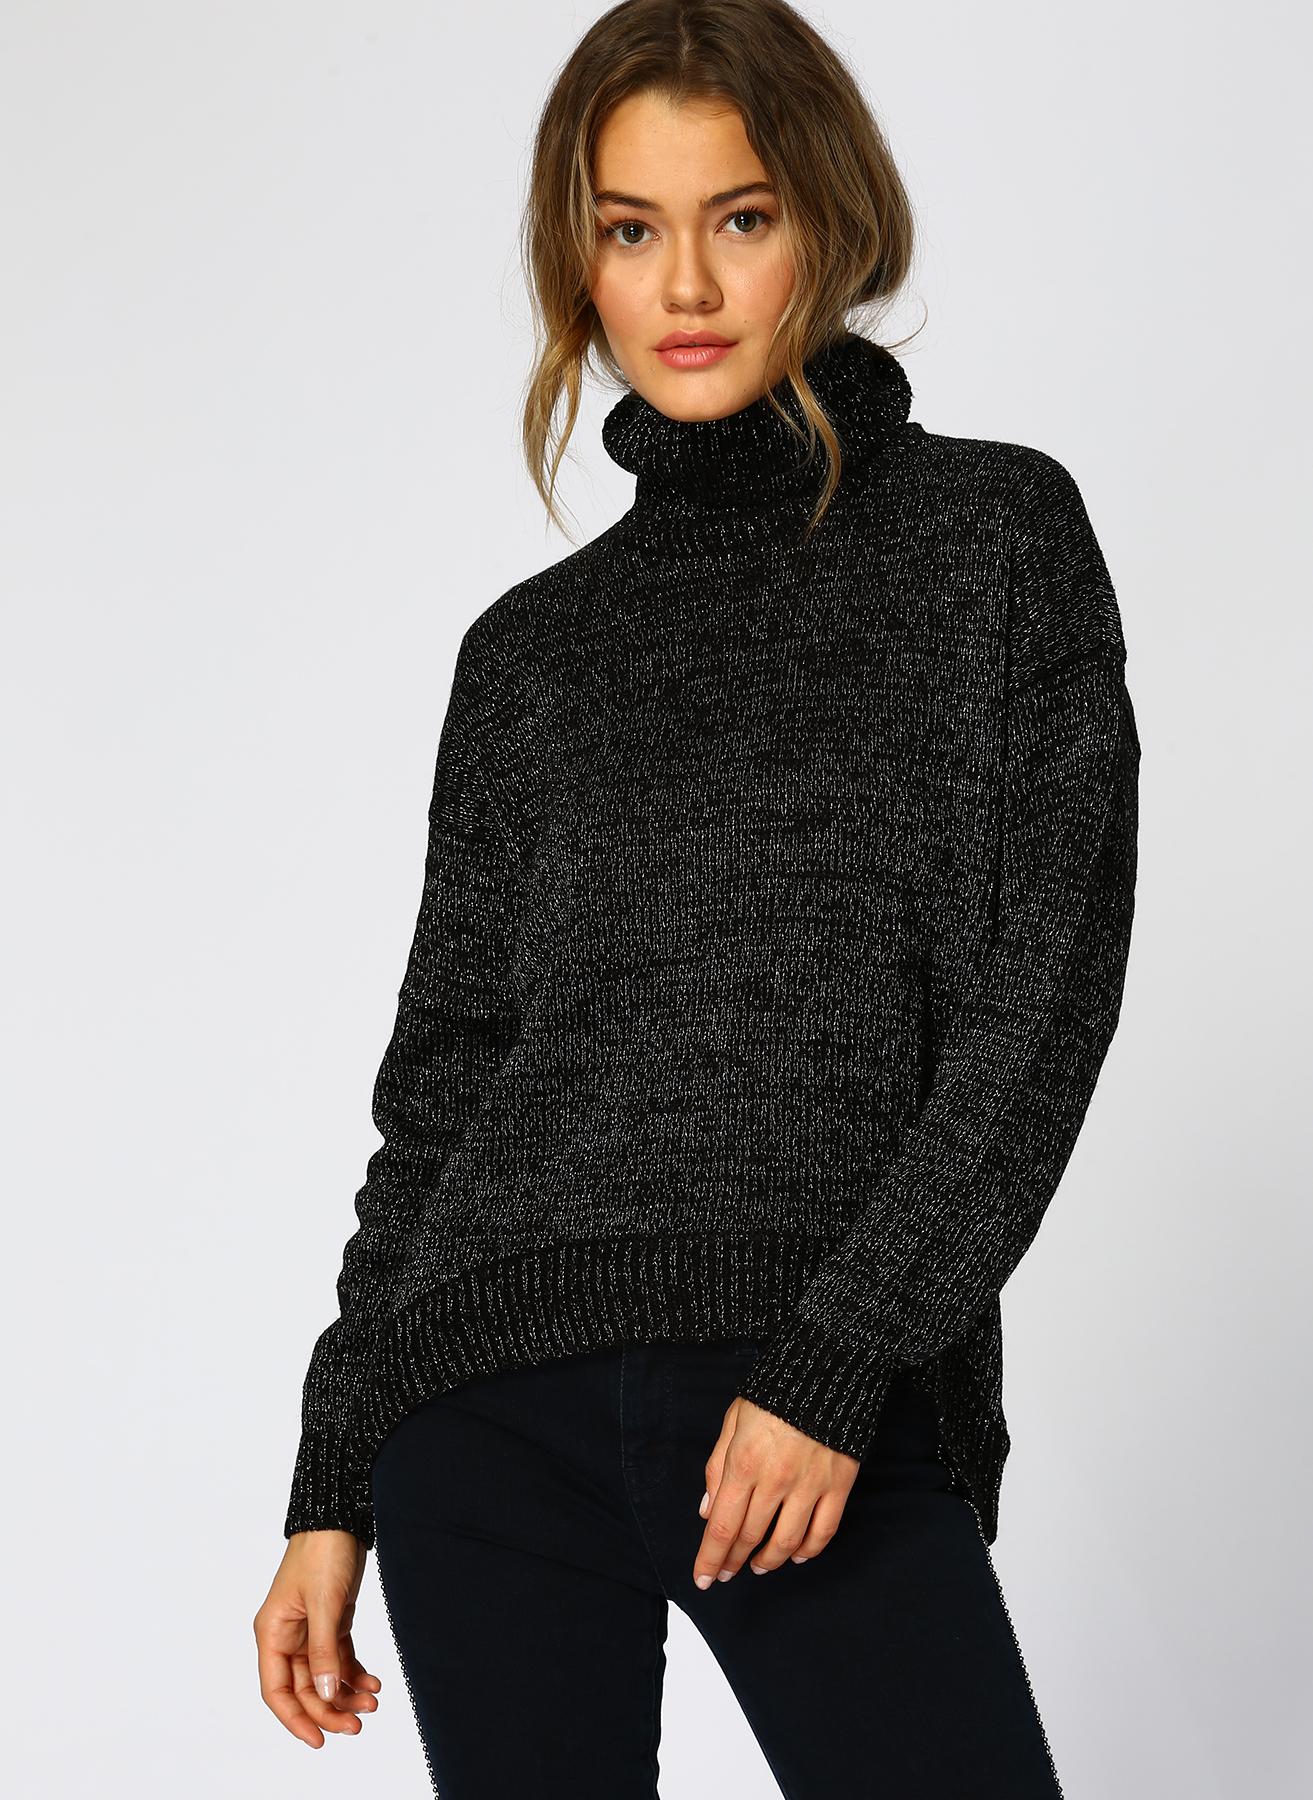 Vero Moda Siyah Kazak M 5001705195002 Ürün Resmi